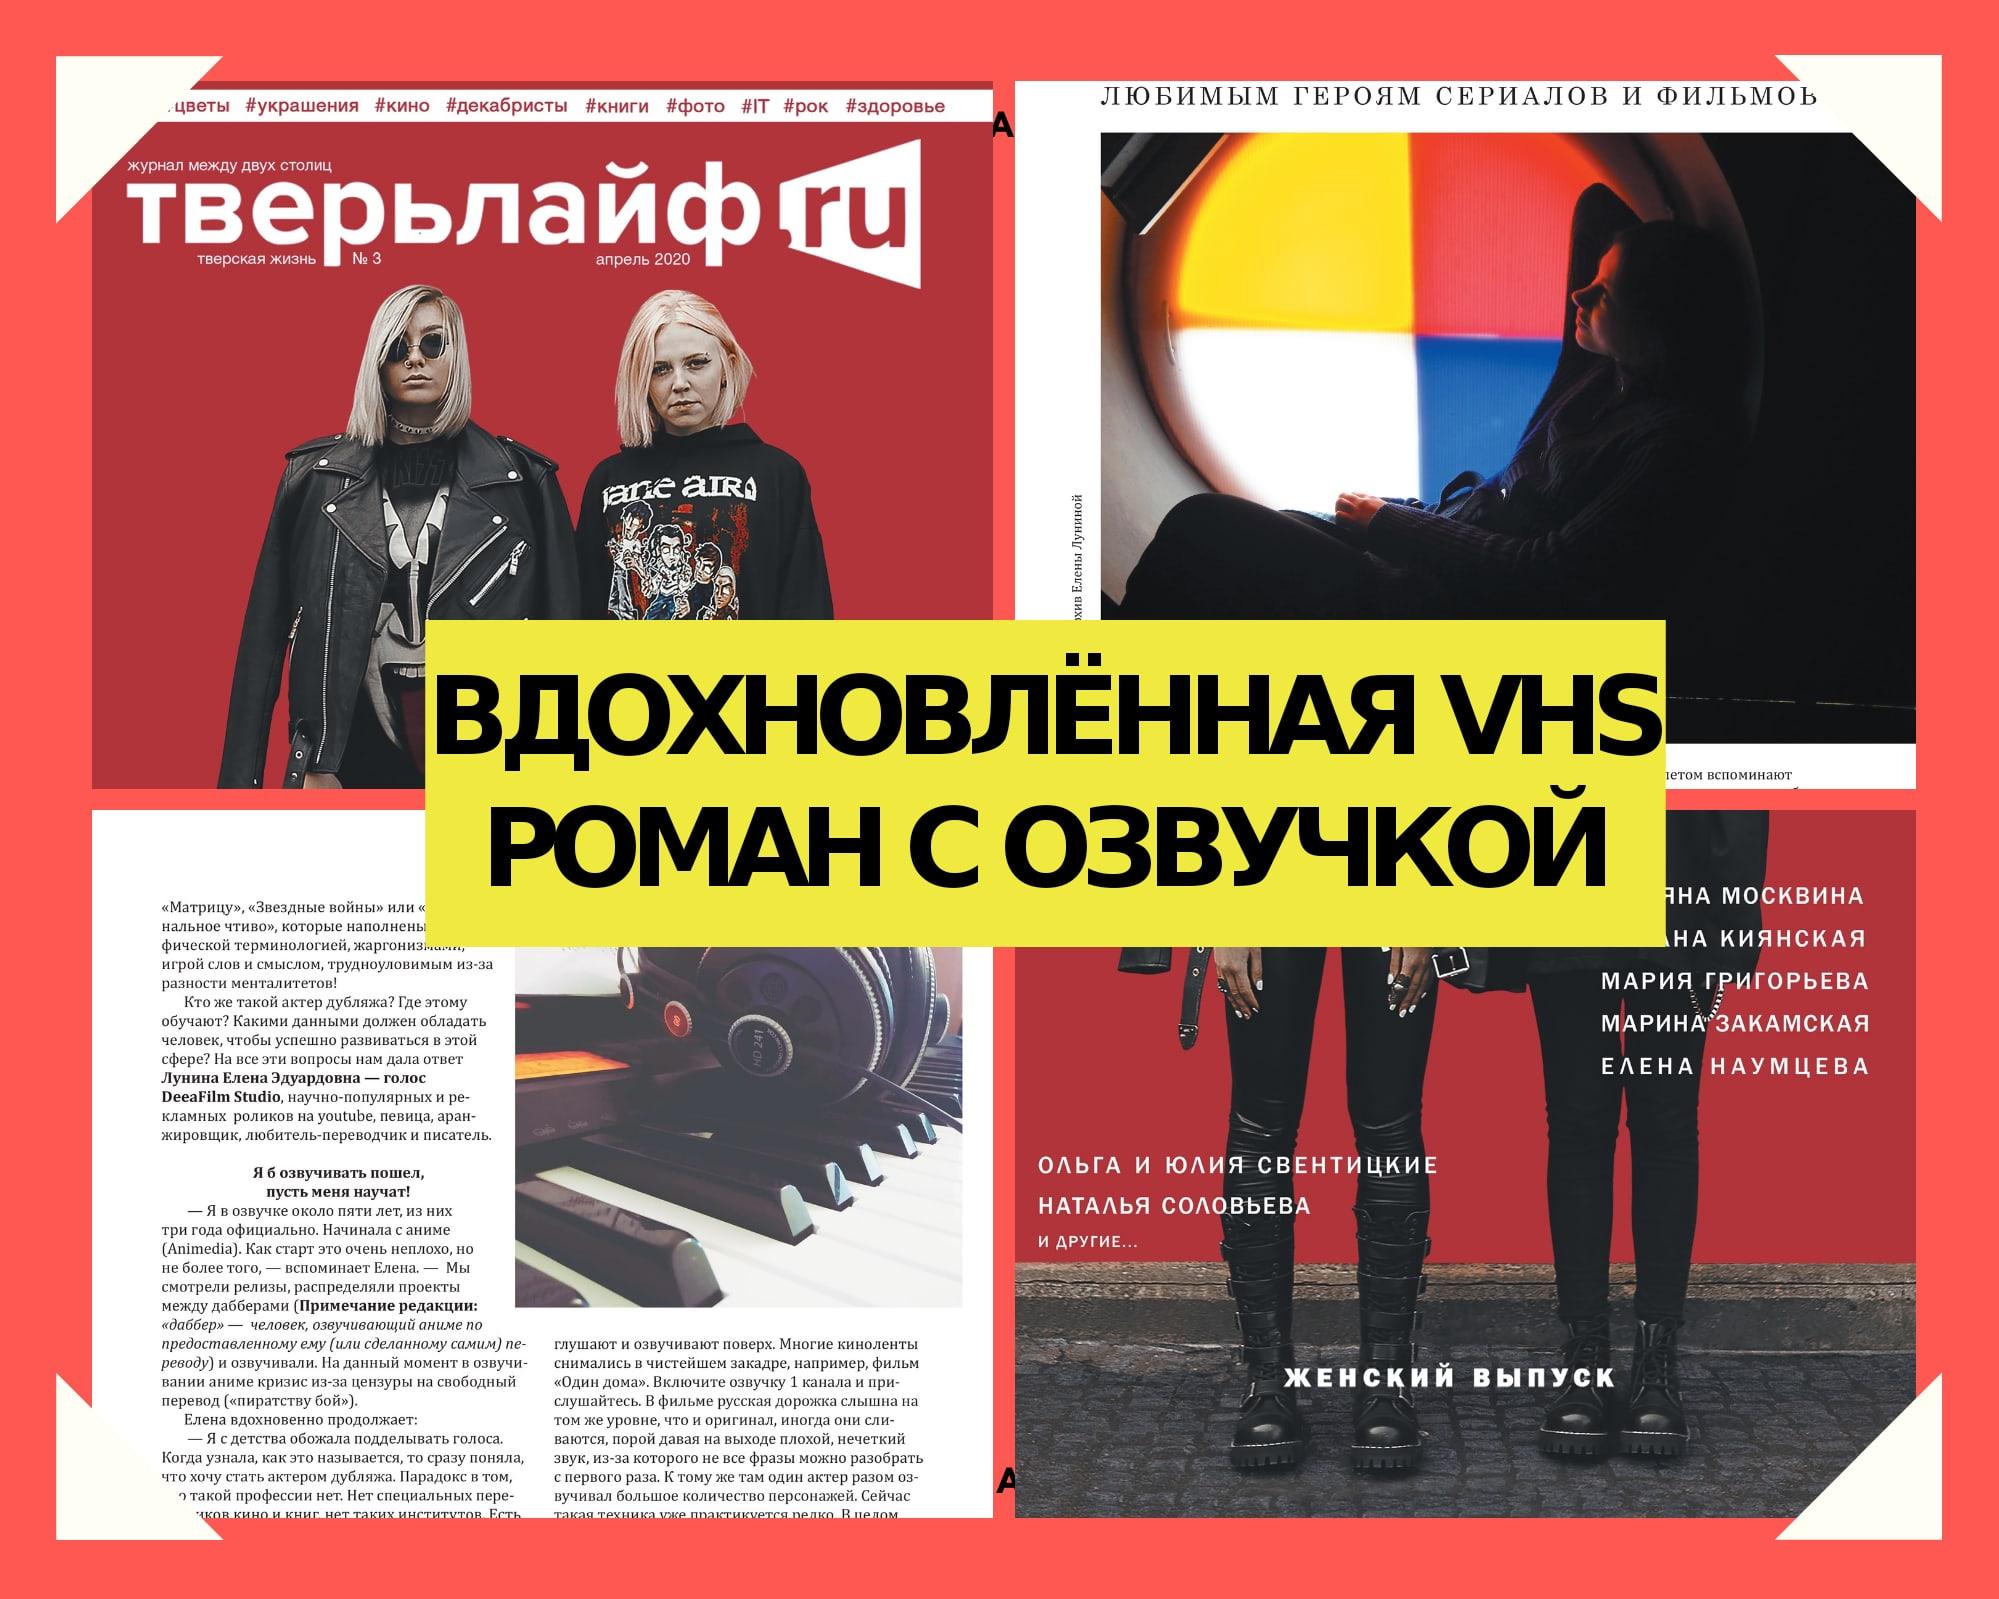 """Её голос мы слышим с экрана: читайте уникальное интервью в женском выпуске журнала """"Тверьлайф"""""""